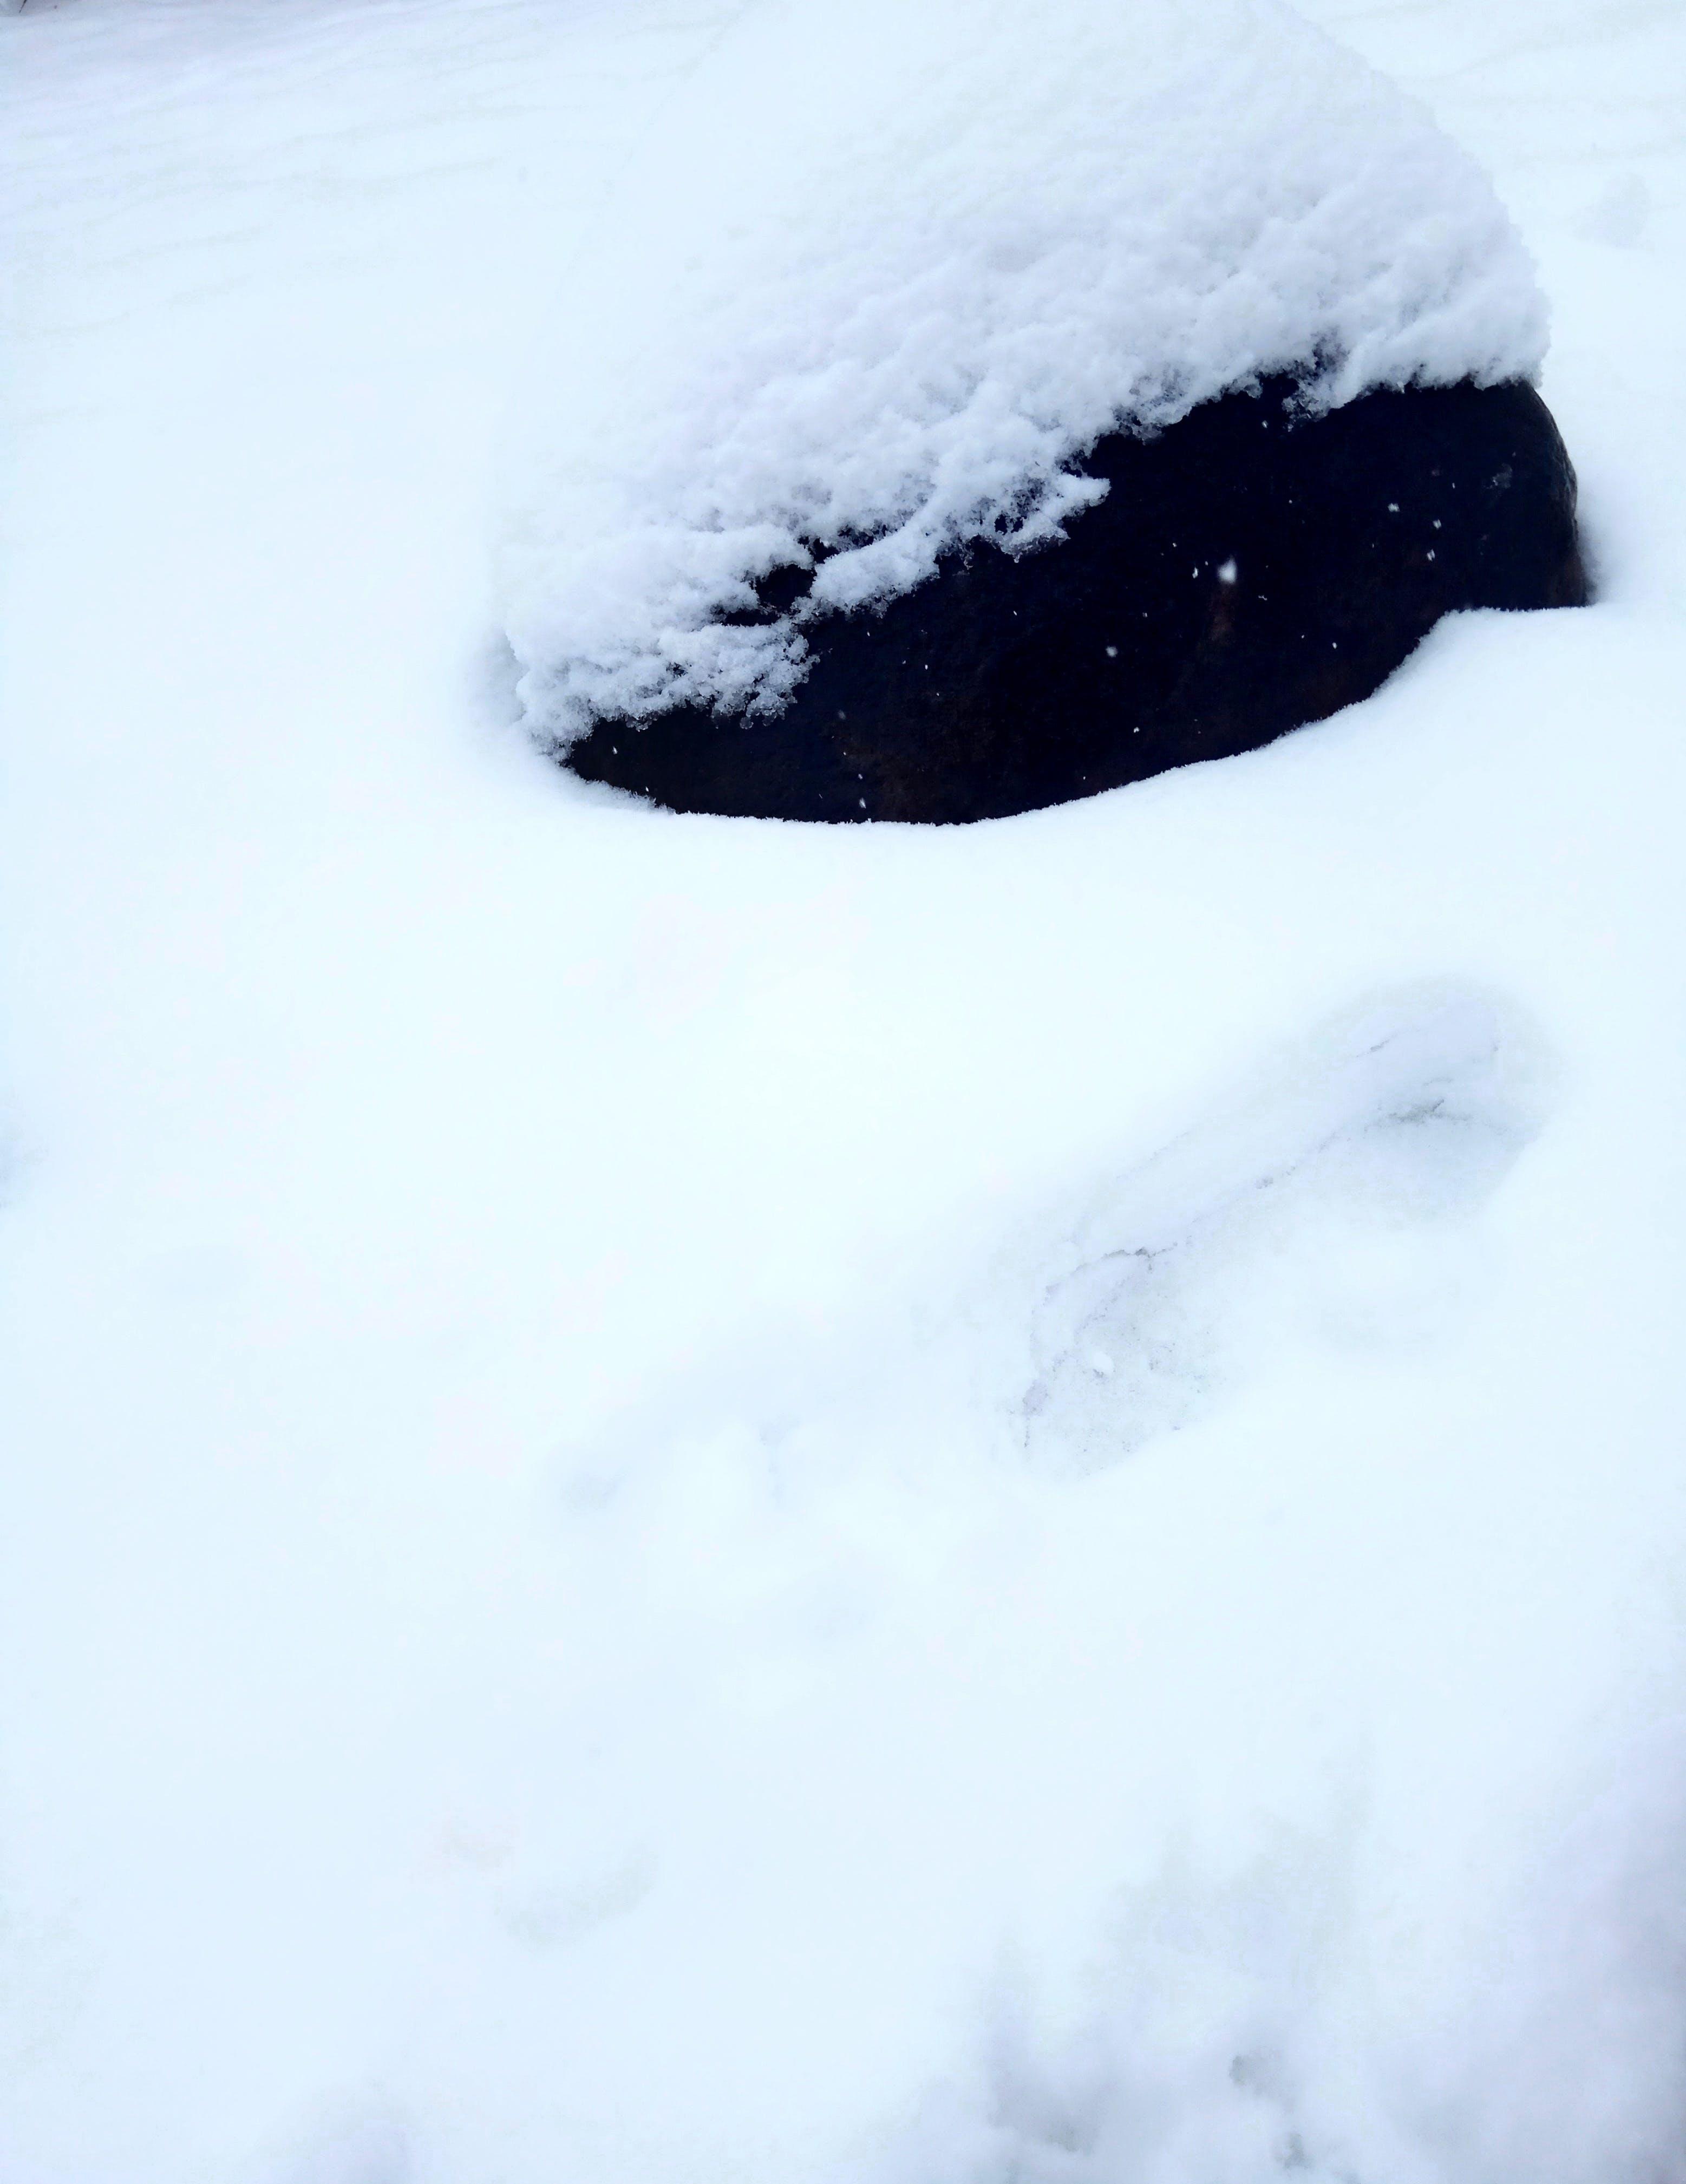 Snow stone